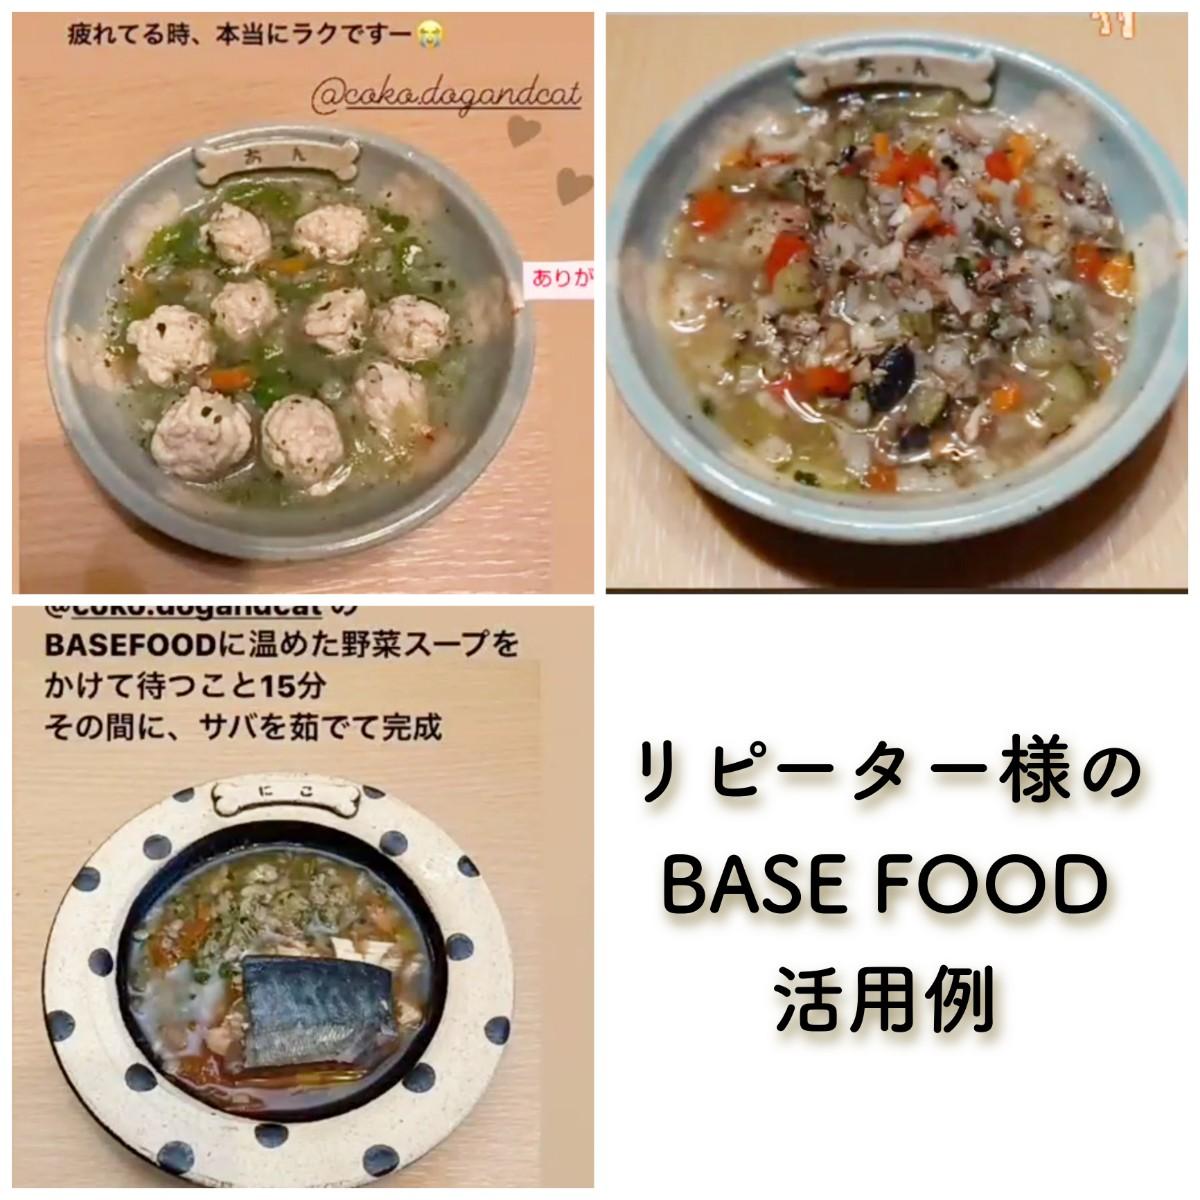 記事 リピーター様のBASE FOOD活用例♪のアイキャッチ画像